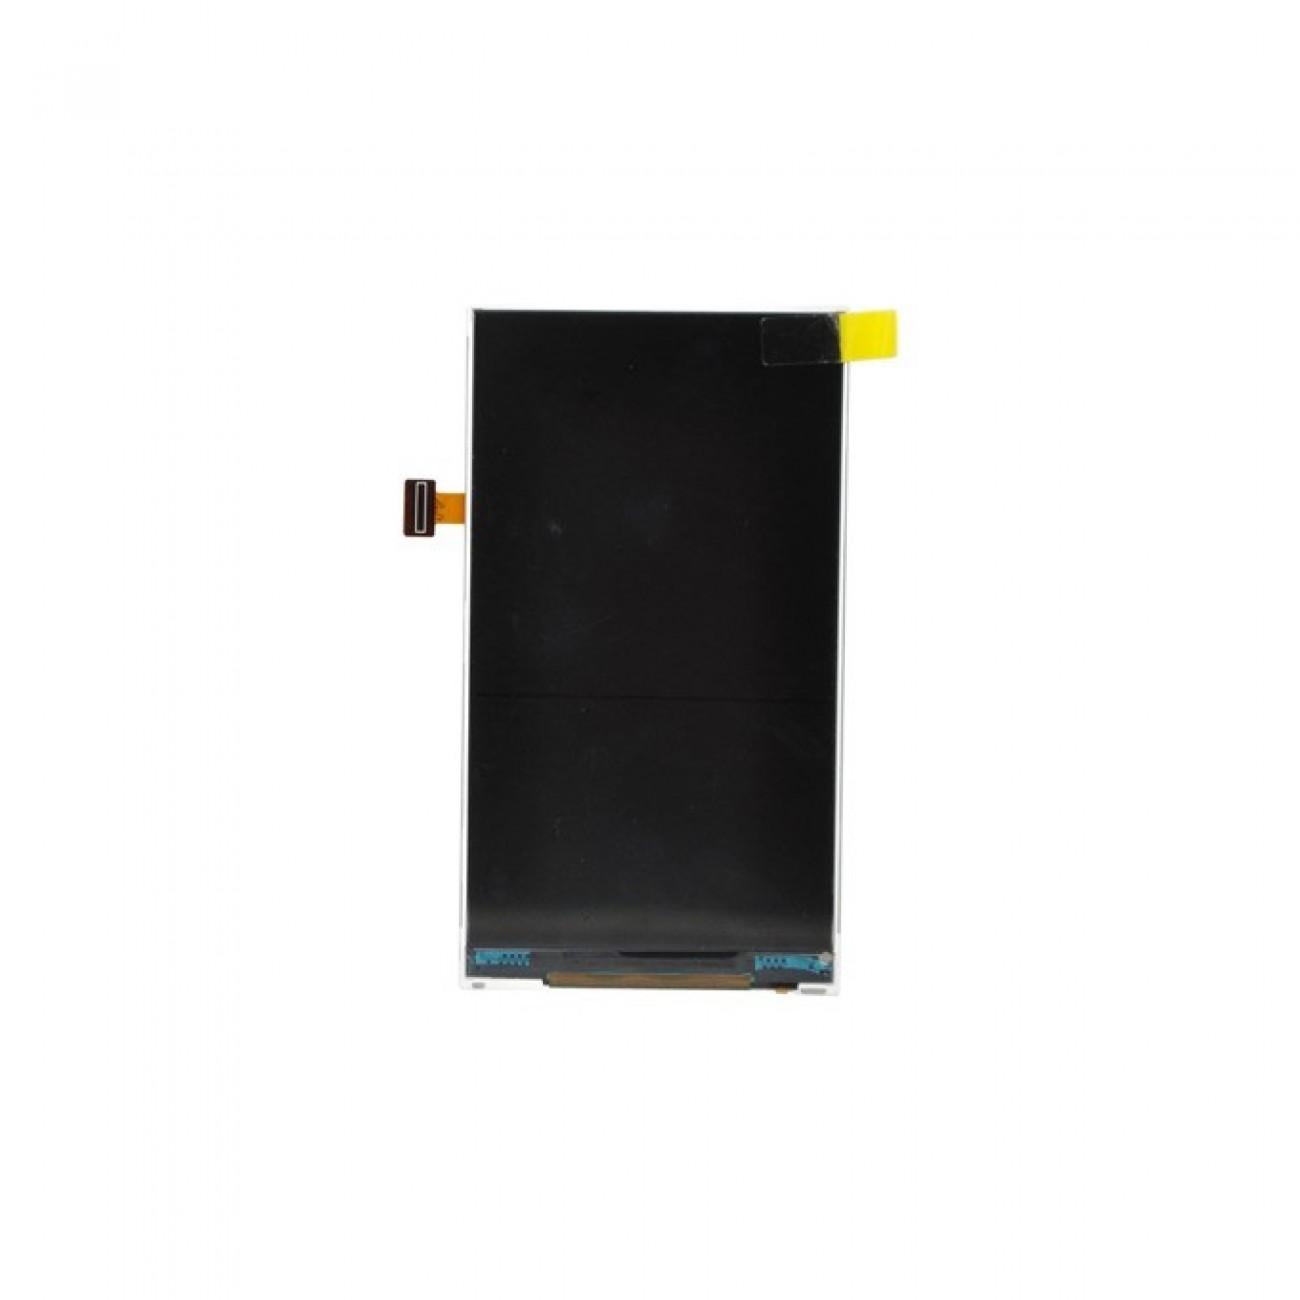 Дисплей за Lenovo A820, LCD в Резервни части -  | Alleop